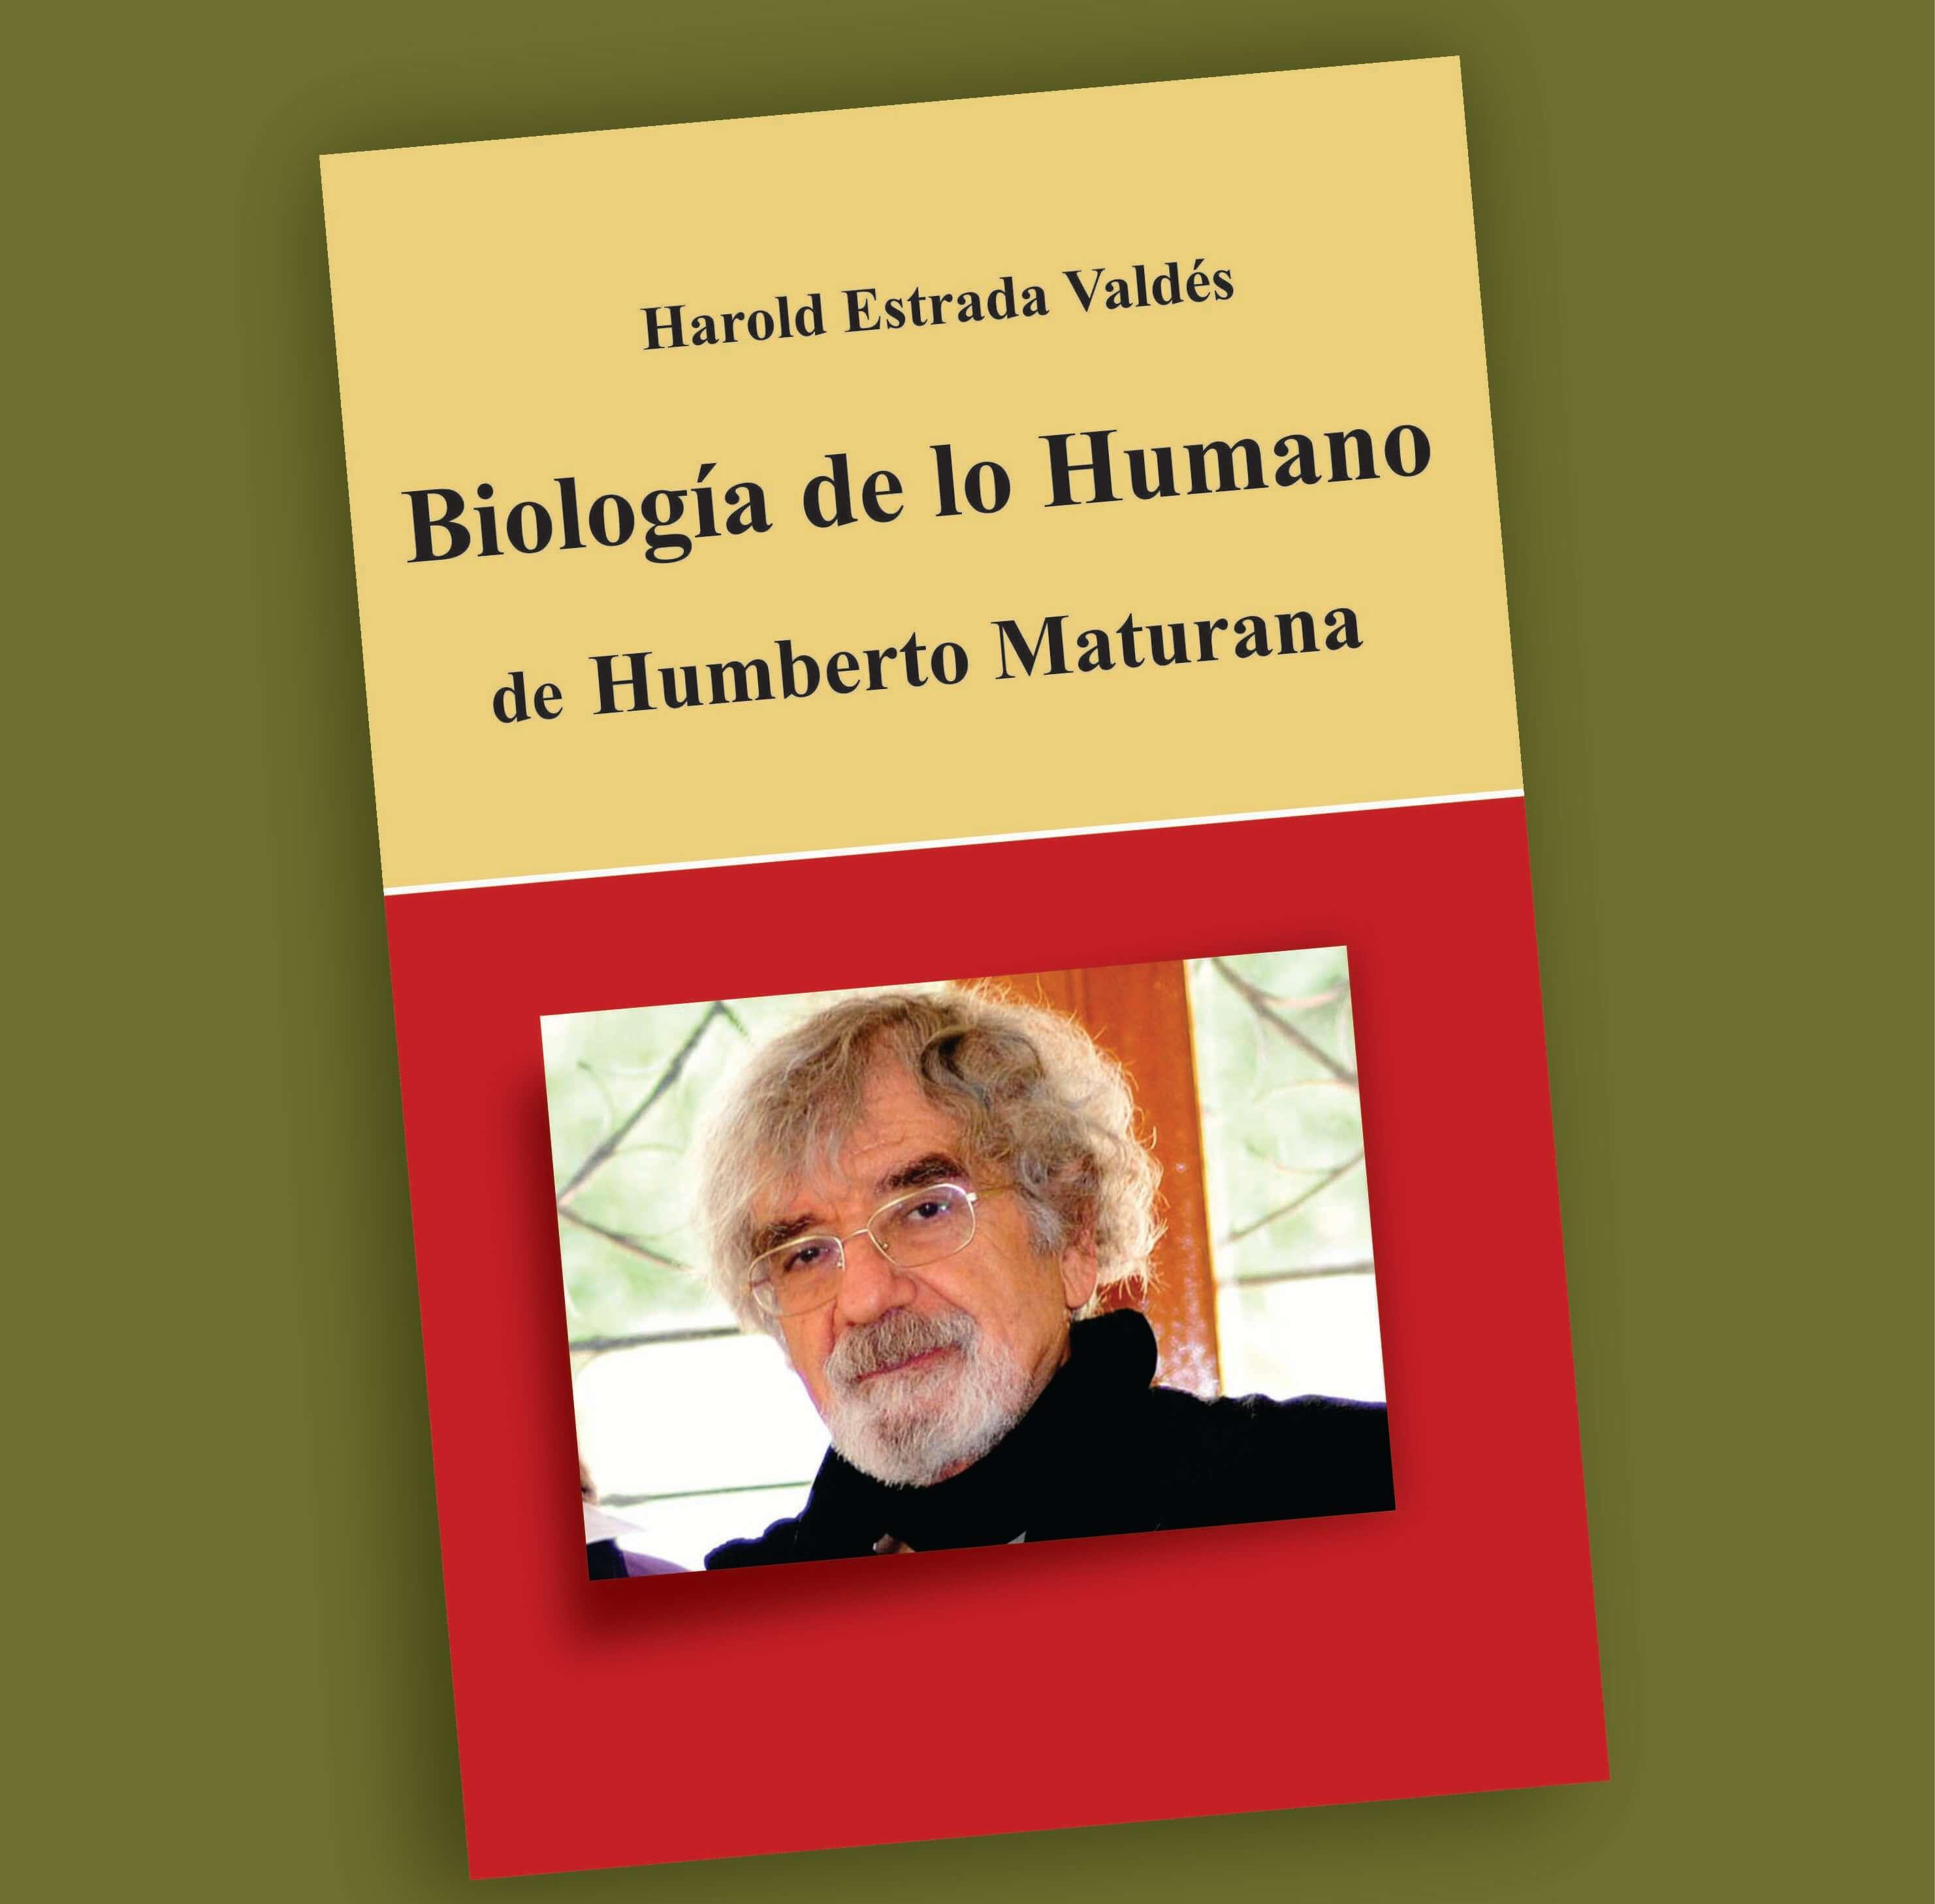 Biología de lo humano de Humberto Maturana- Harold Estrada